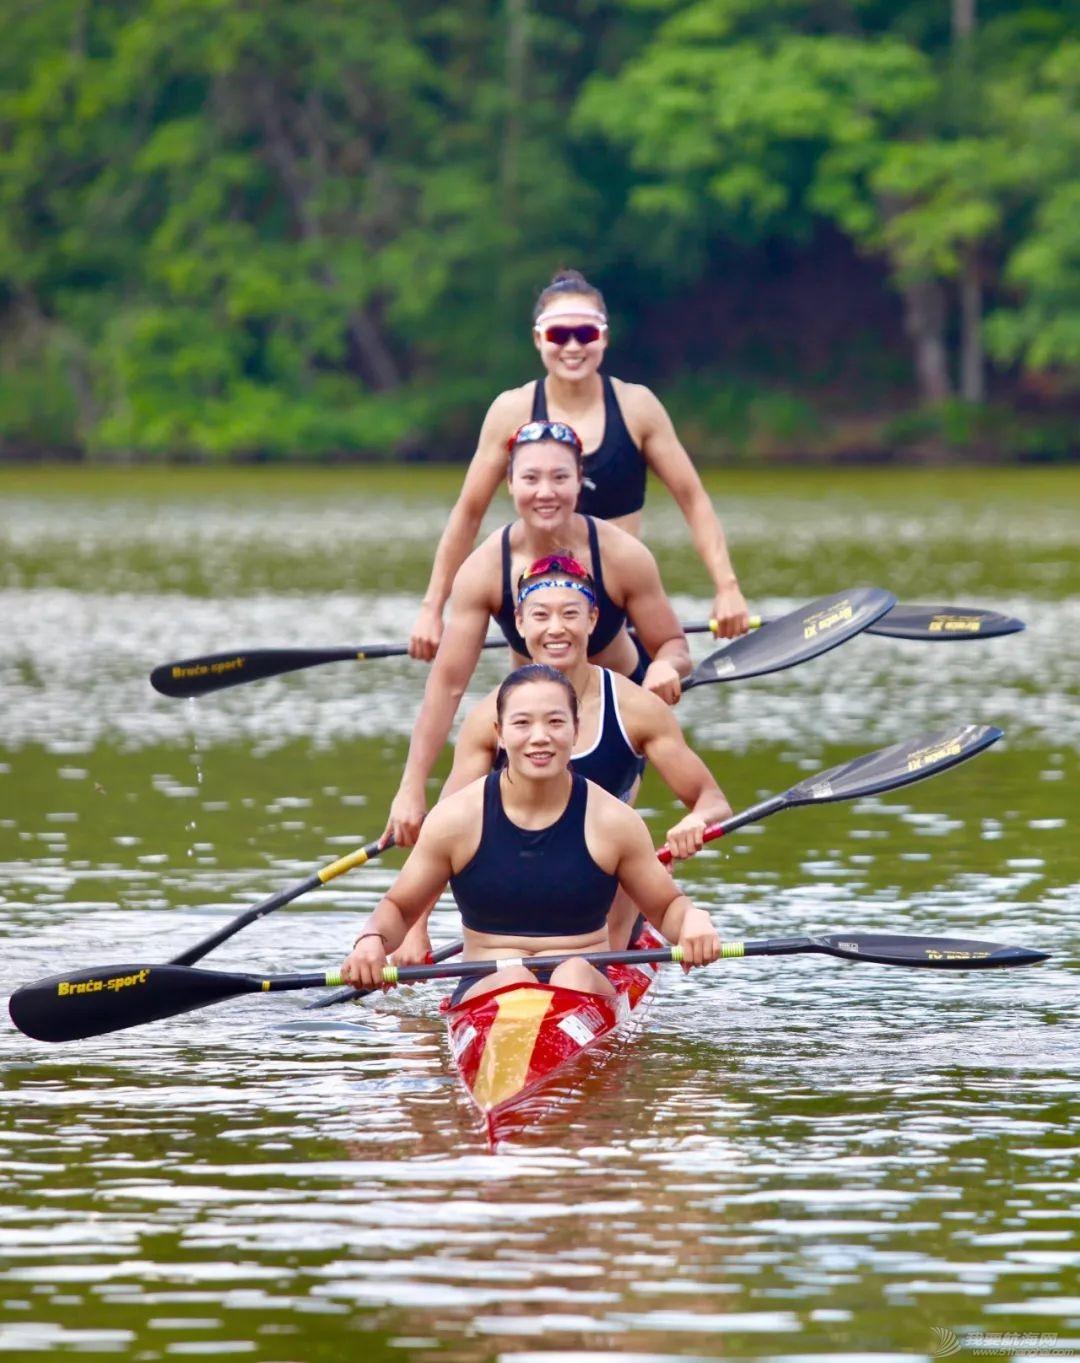 东京奥运会倒计时一周年 中国赛艇皮划艇时刻准备着!w9.jpg